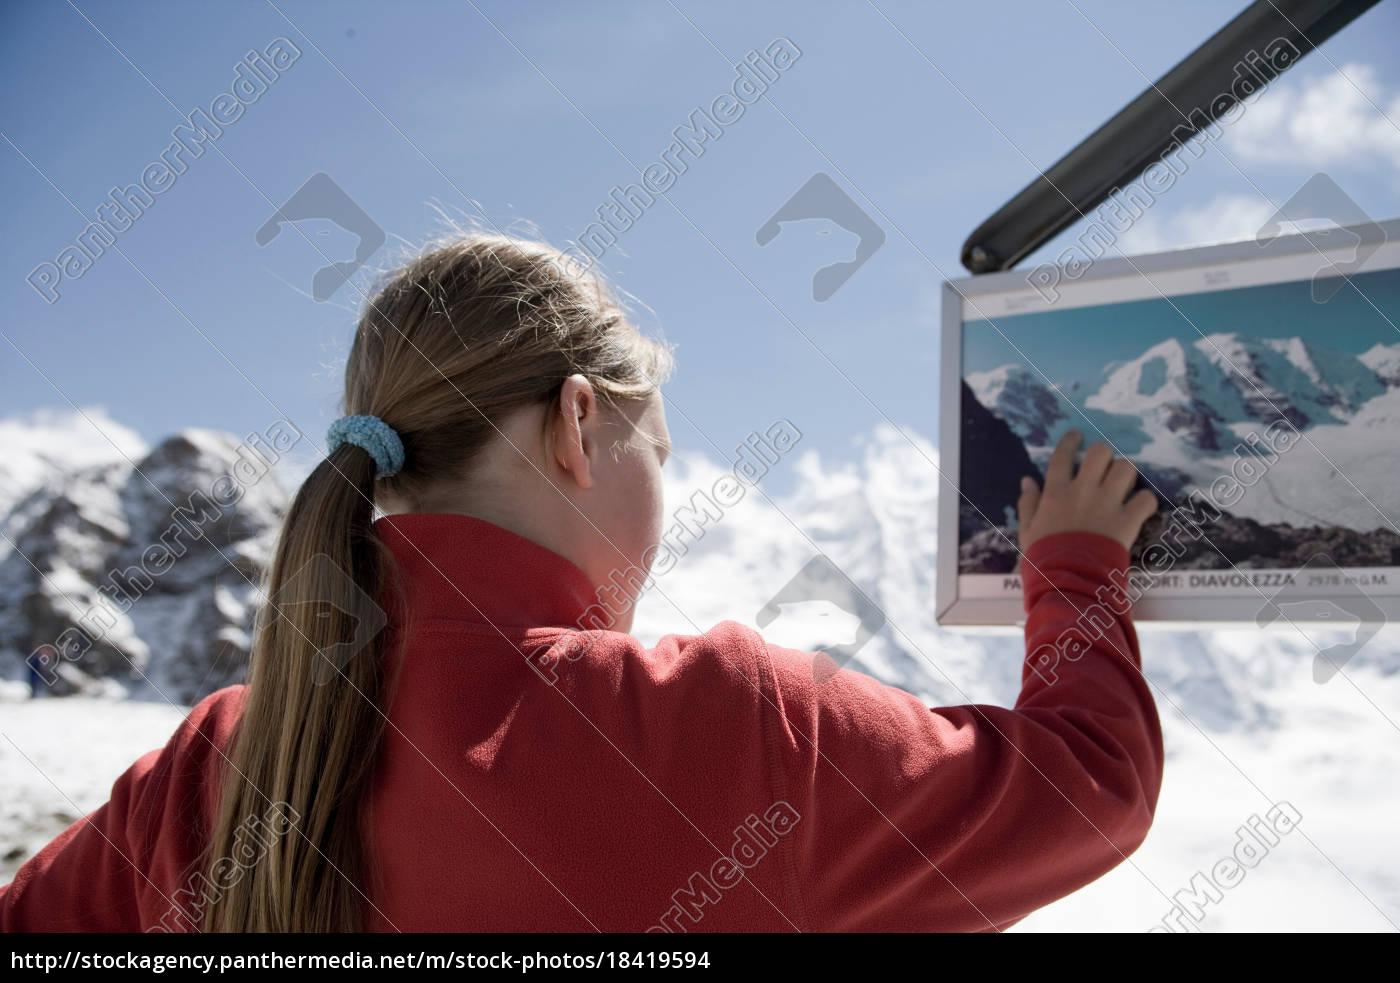 ragazza, guardandosi, intorno, in, zona, montuosa - 18419594